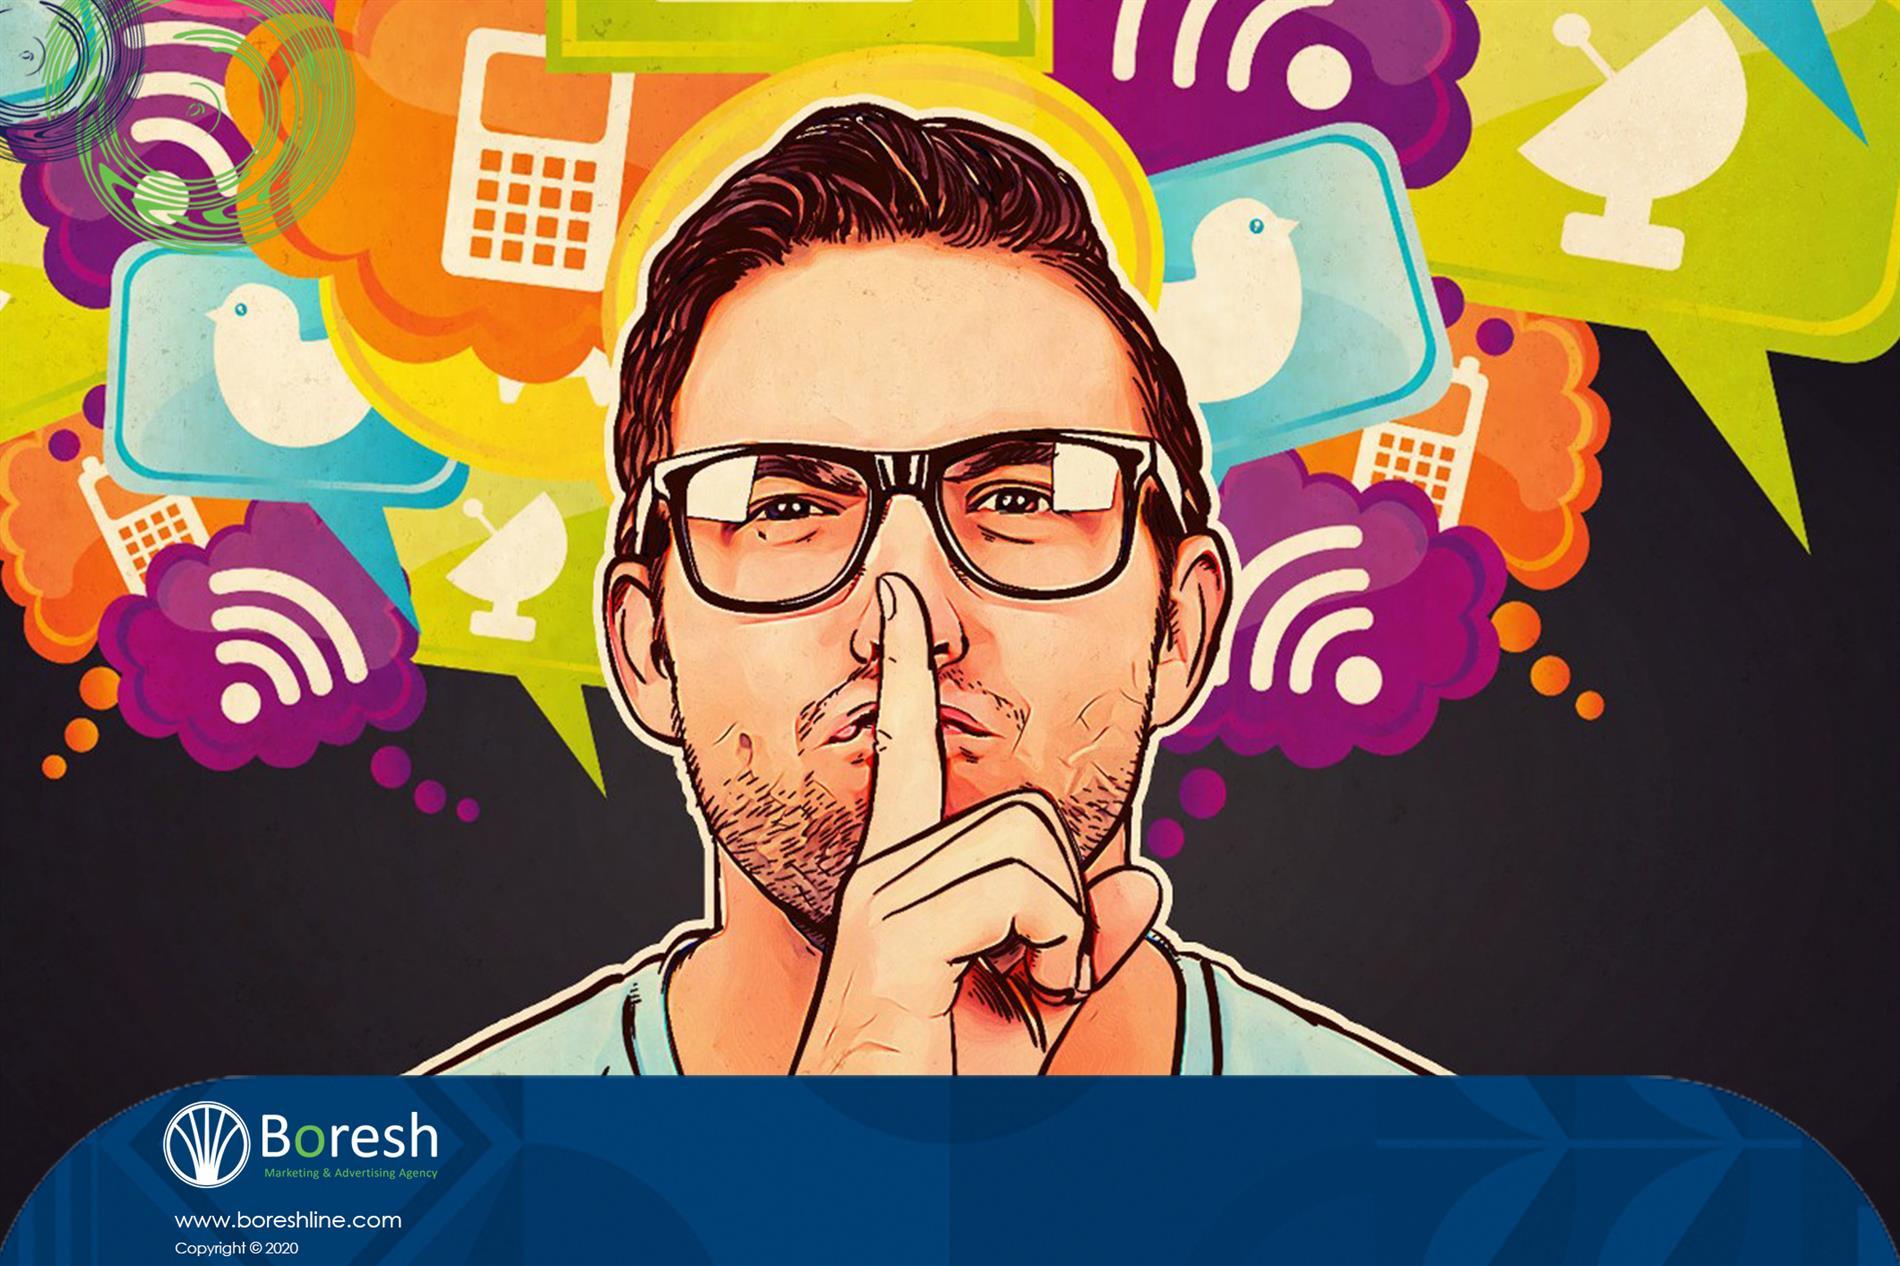 ارتباطات اجتماعی - گروه برندسازی، تبلیغات،بازاریابی و توسعه کسب و کار برش